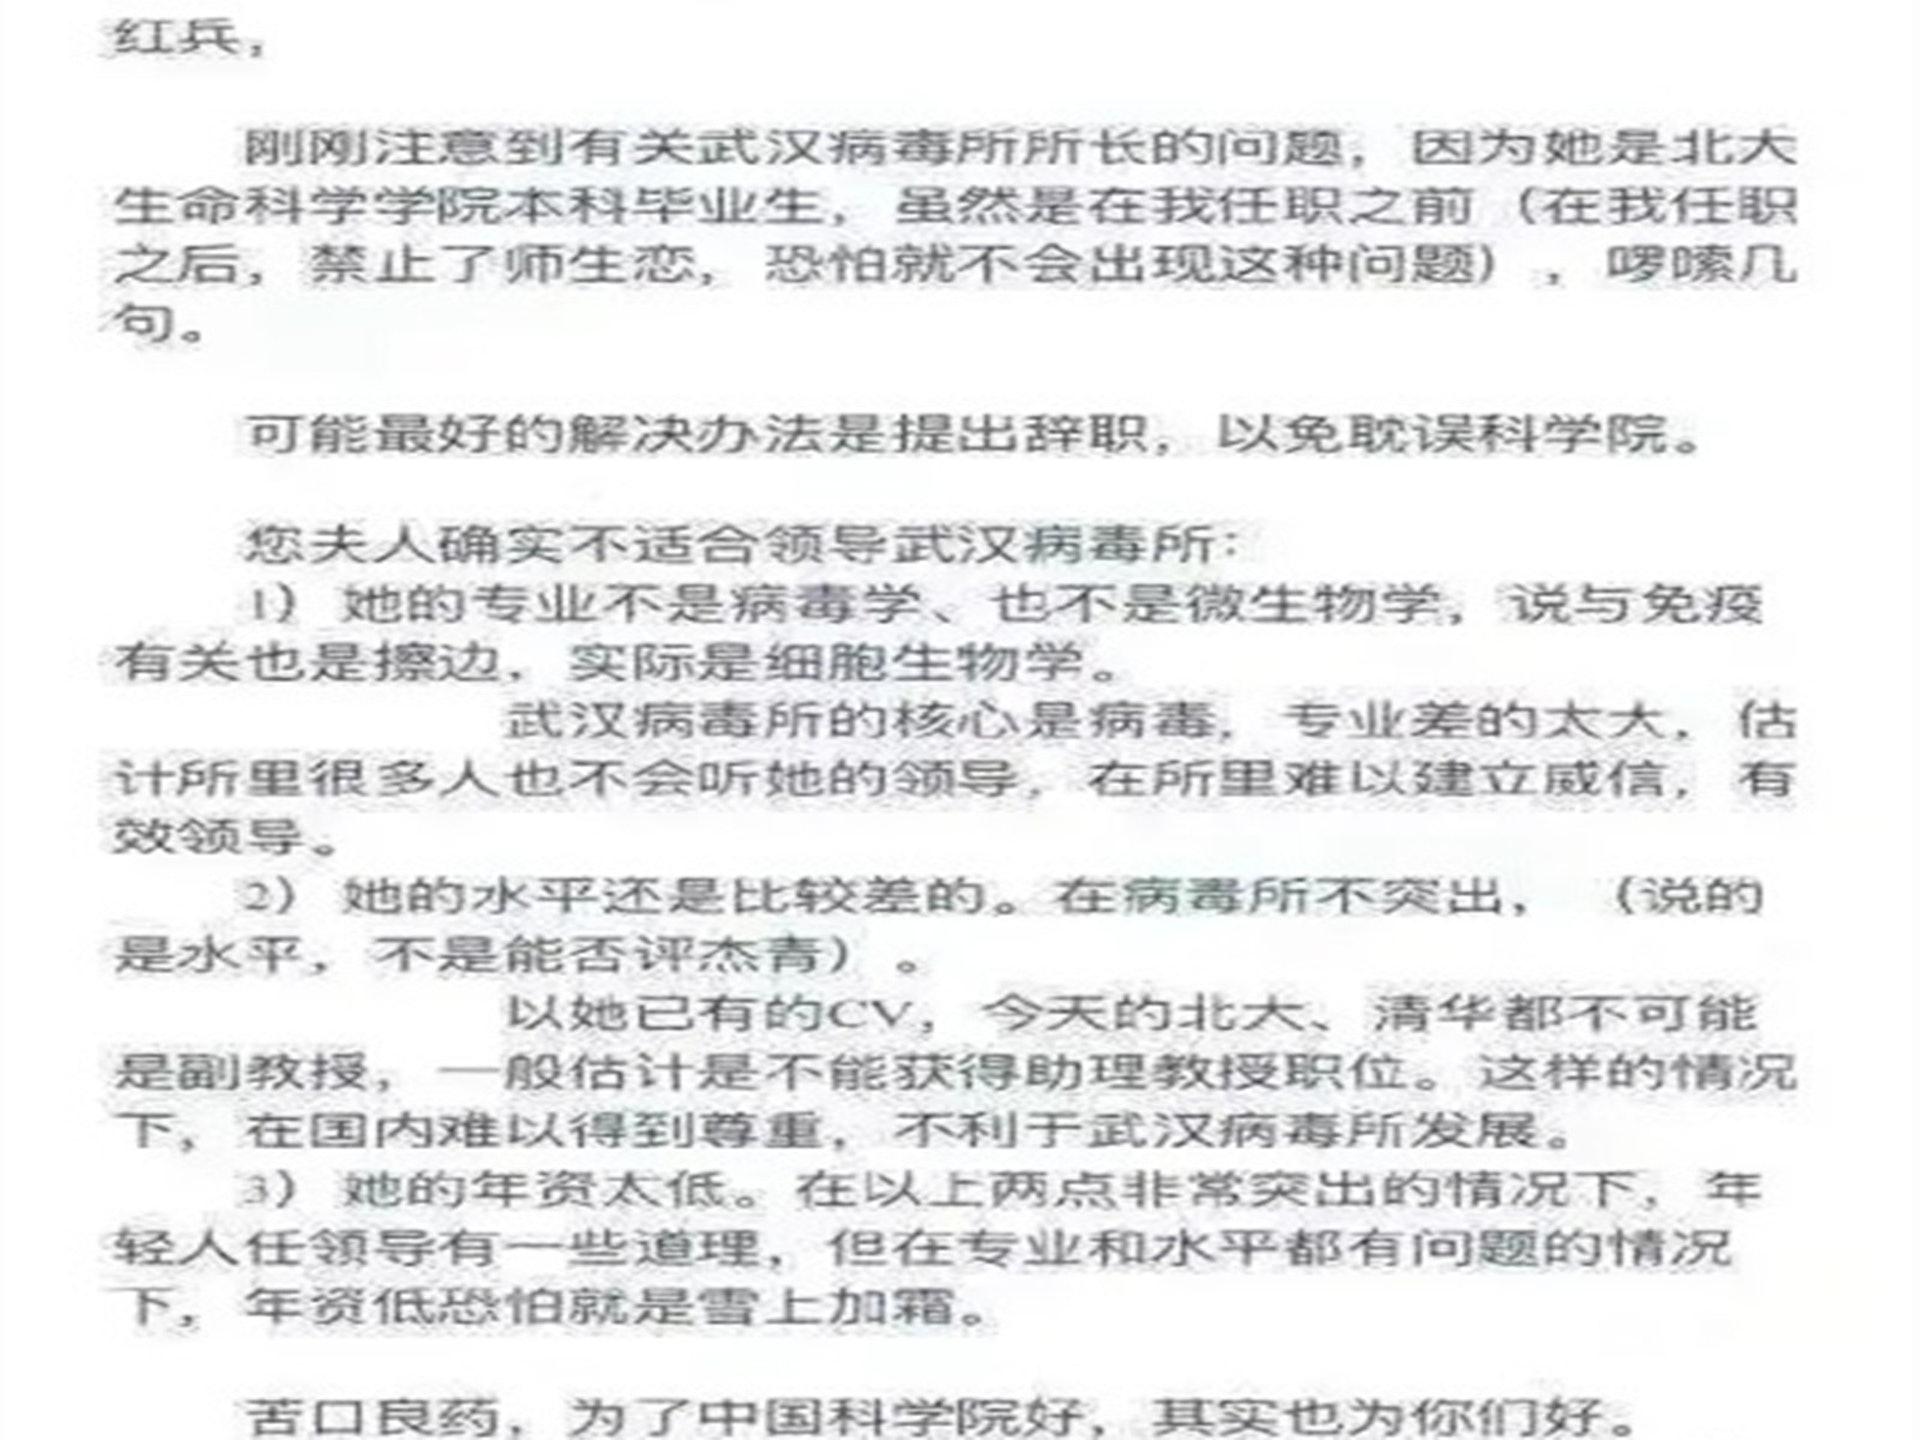 饶毅致信舒红兵的部分内容。(微博@e_car的V博space)